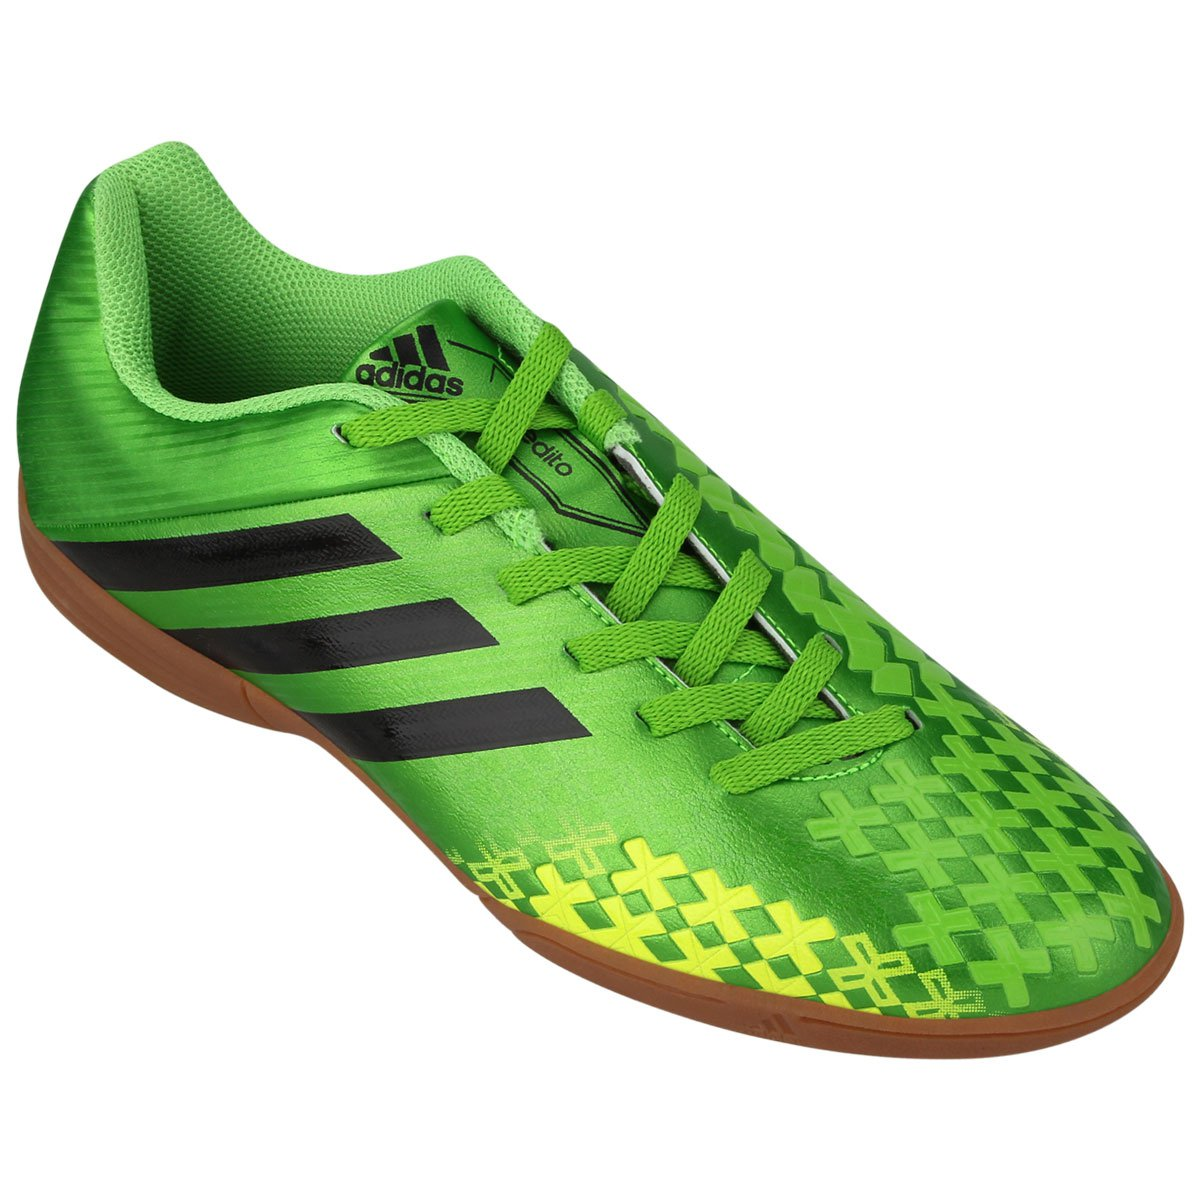 2af8a9301 Chuteira Adidas Predito LZ IN - Compre Agora